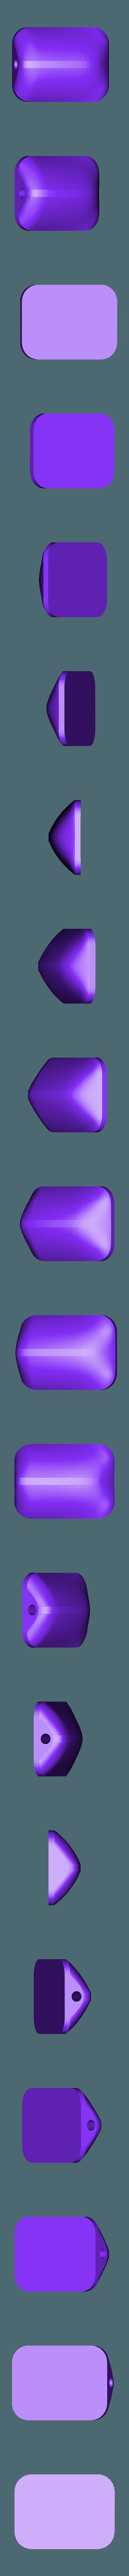 Mirrors.stl Descargar archivo STL CHEVY VAN G20 RC BODY SCALER AXIAL MST TRX4 RC4WD • Modelo para imprimir en 3D, ilyakapitonov